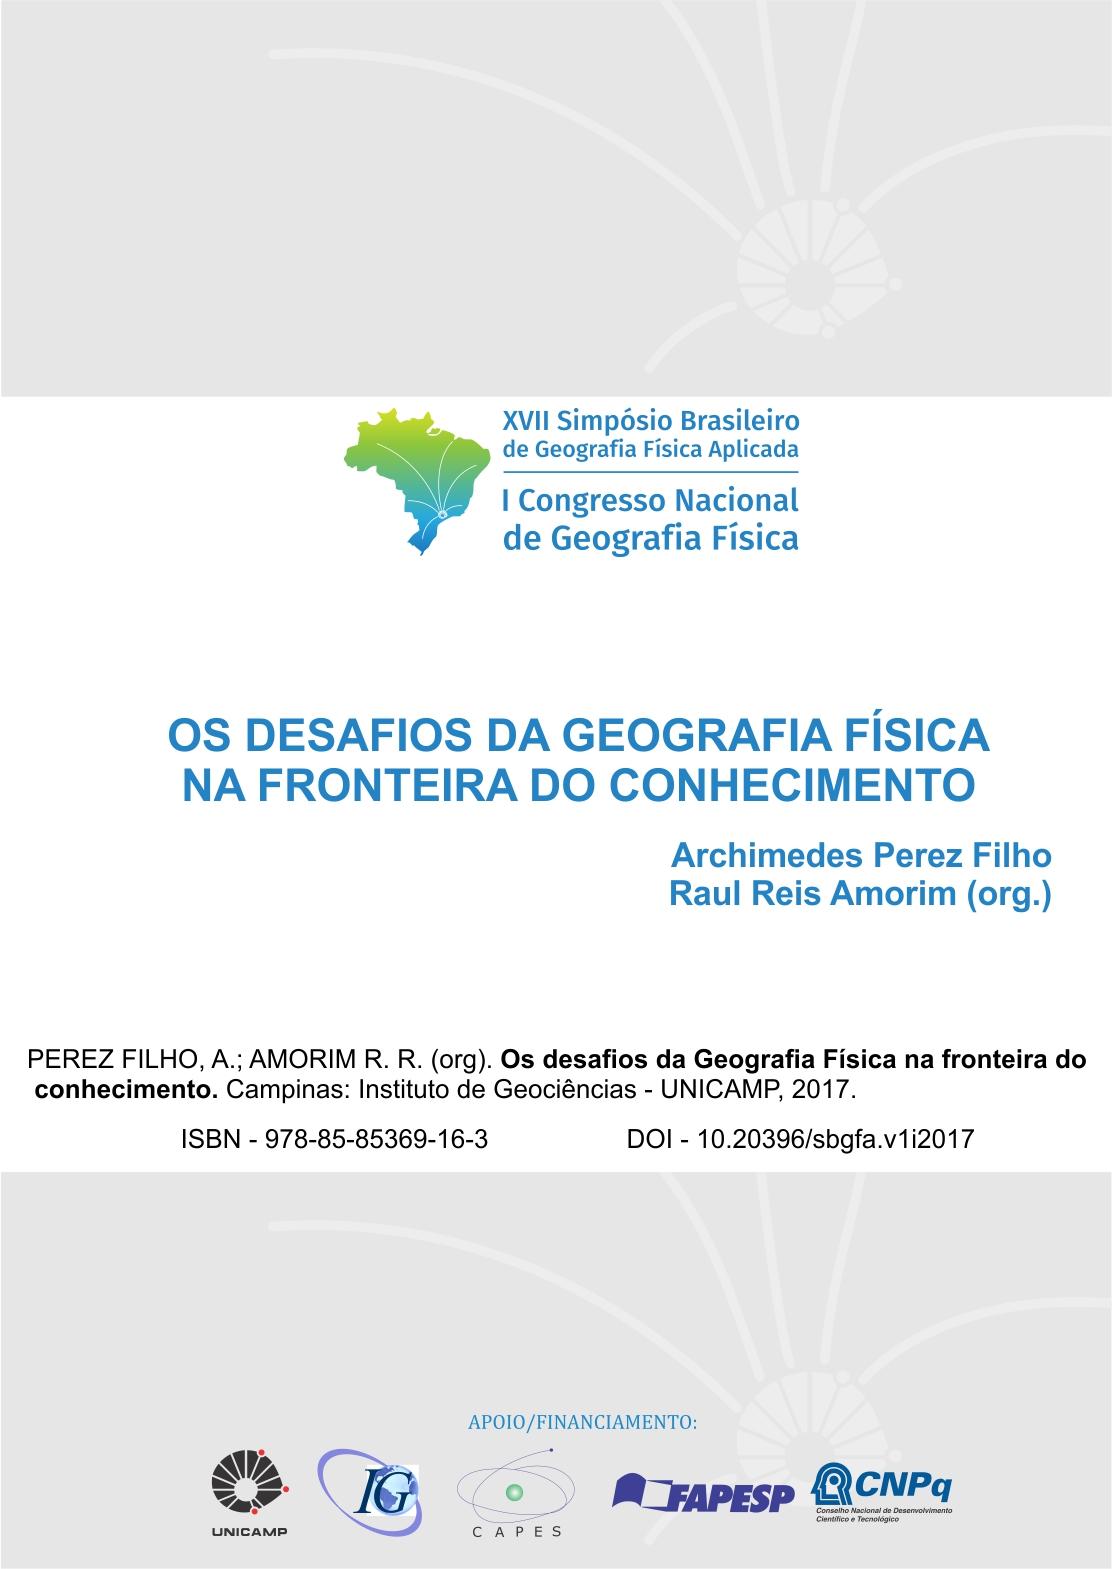 V 1 2017 ebook os desafios da geografia fsica na fronteira do 1 2017 ebook fandeluxe Image collections